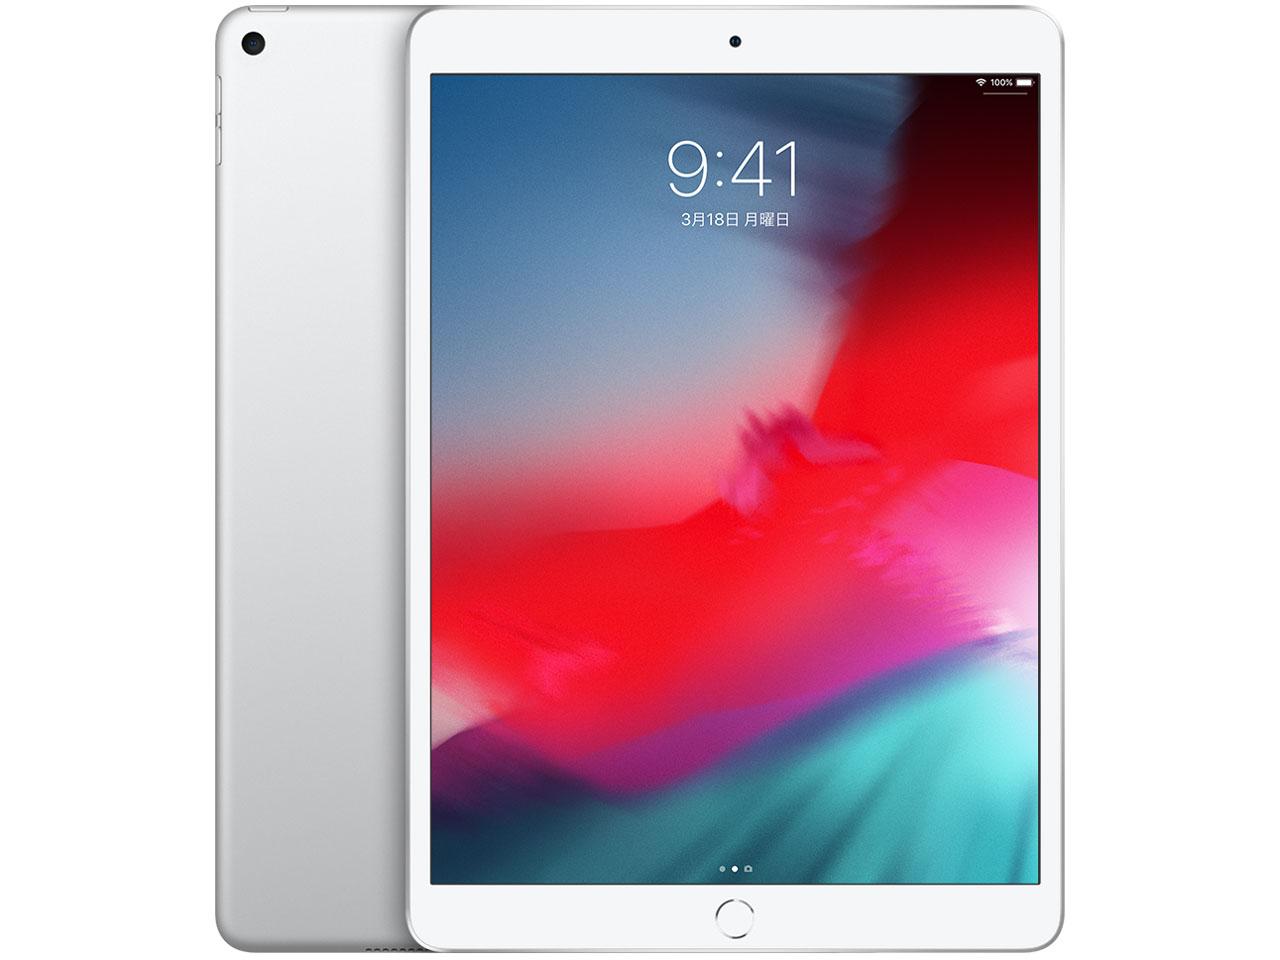 Apple A12 2.49GHz 3GB 限定特価 256GB iOS14 商品ランク:A 動作ランク:A MUUR2J A 中古 上質 中古タブレットApple Air3 iPad 無償保証6ヶ月 Wi-Fiモデル